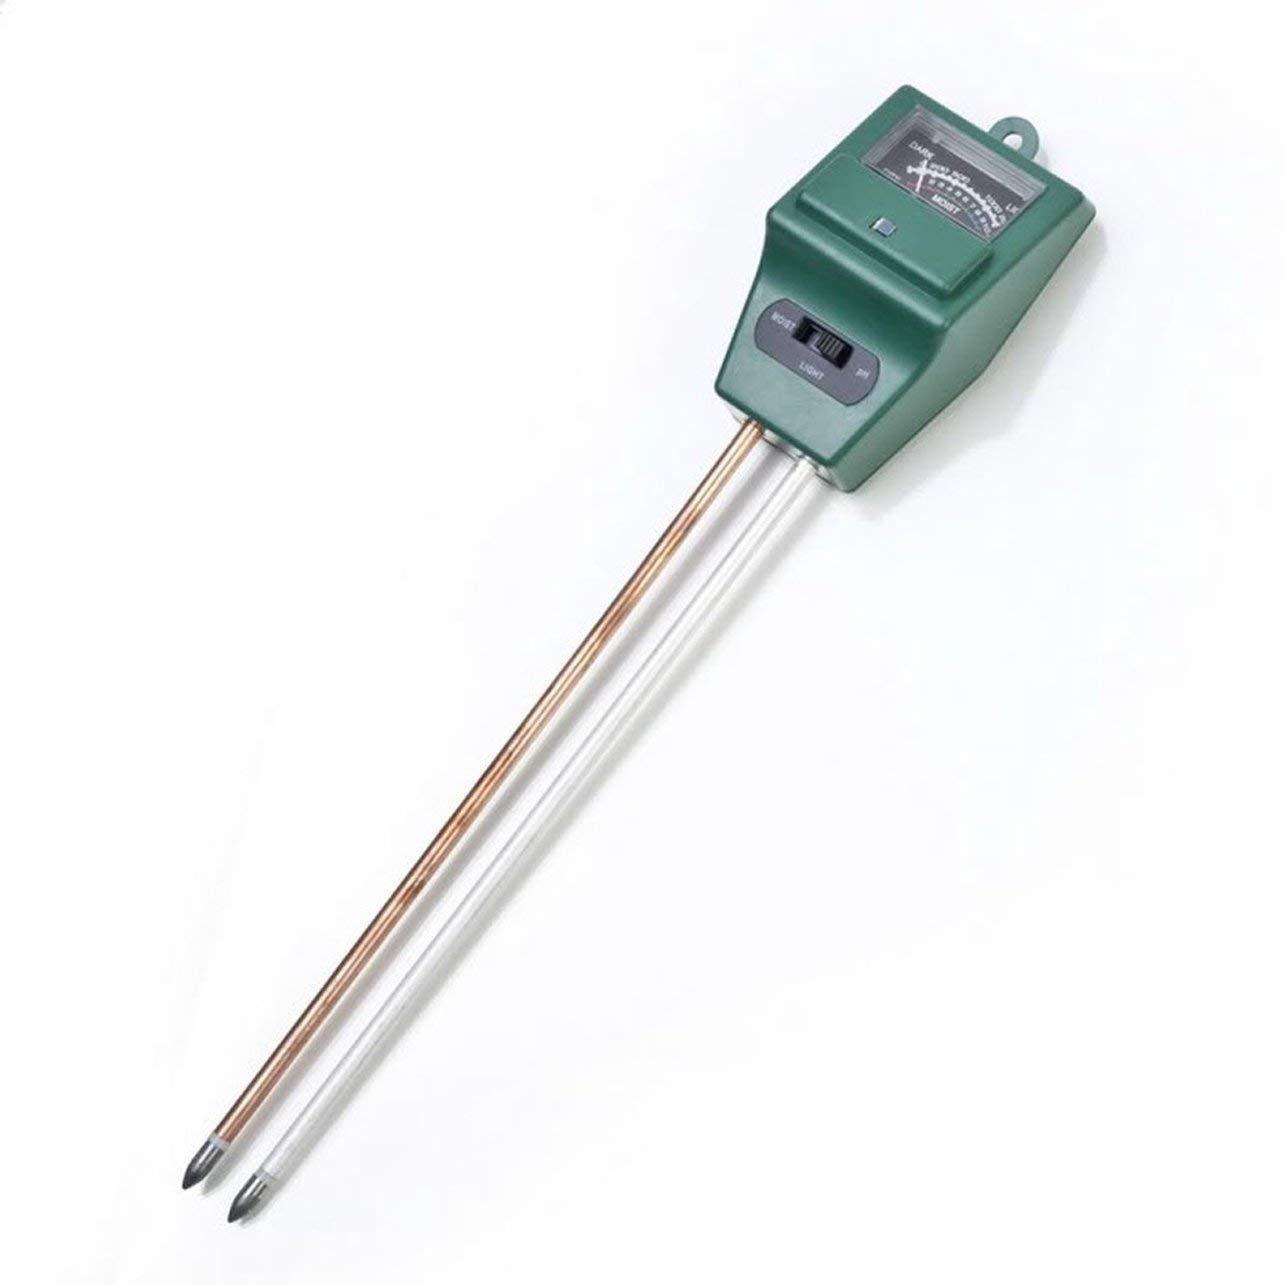 WOSOSYEYO 3 en Humedad del Agua del Suelo 1 Probador de pH Detector de Suelo Medidor de Prueba de luz de Humedad del Agua Sensor para Flor de Planta de jard/ín